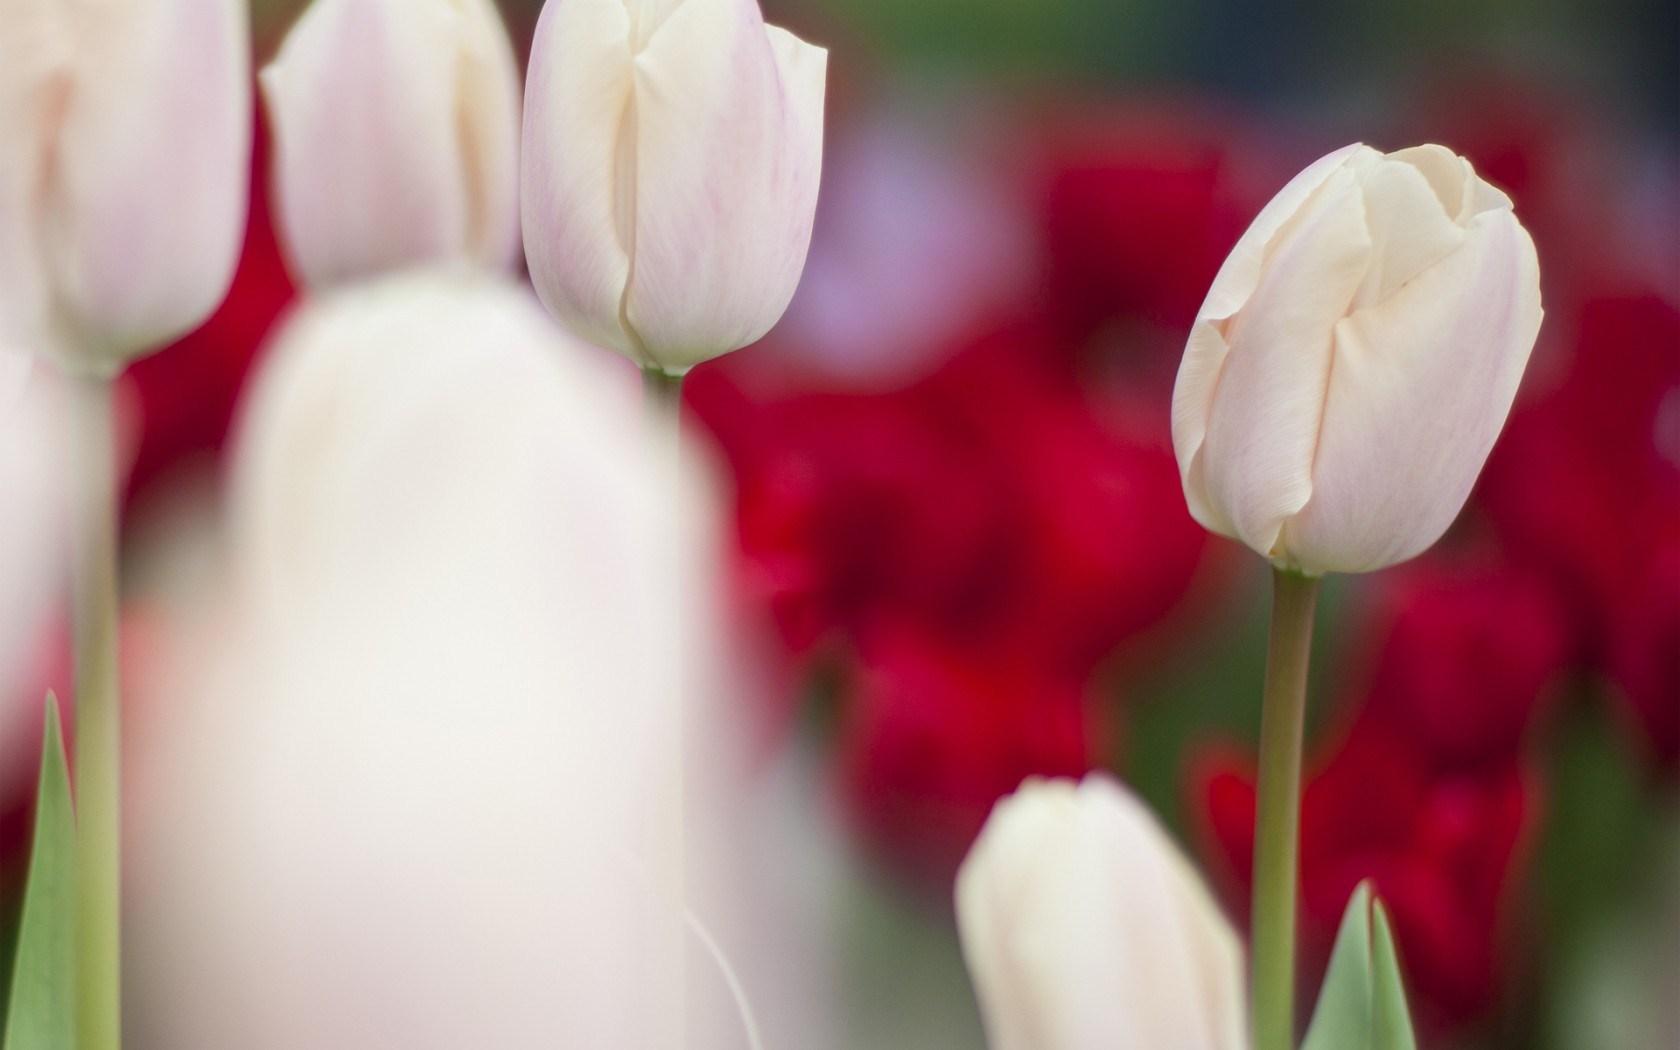 Tulips White Focus Blur